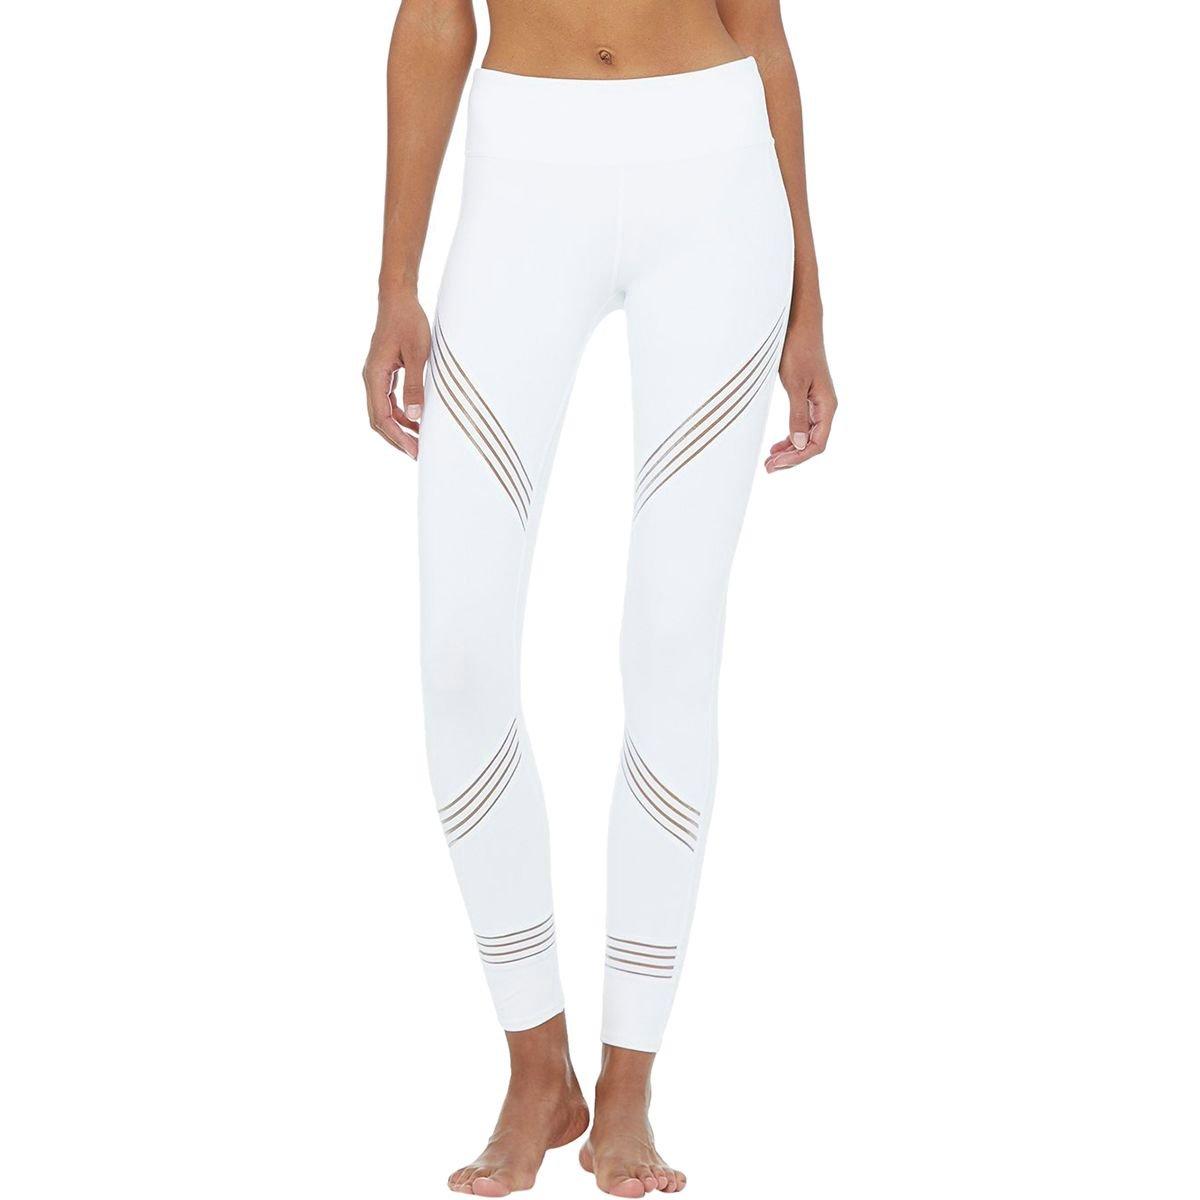 White L alo yoga Women's Tights